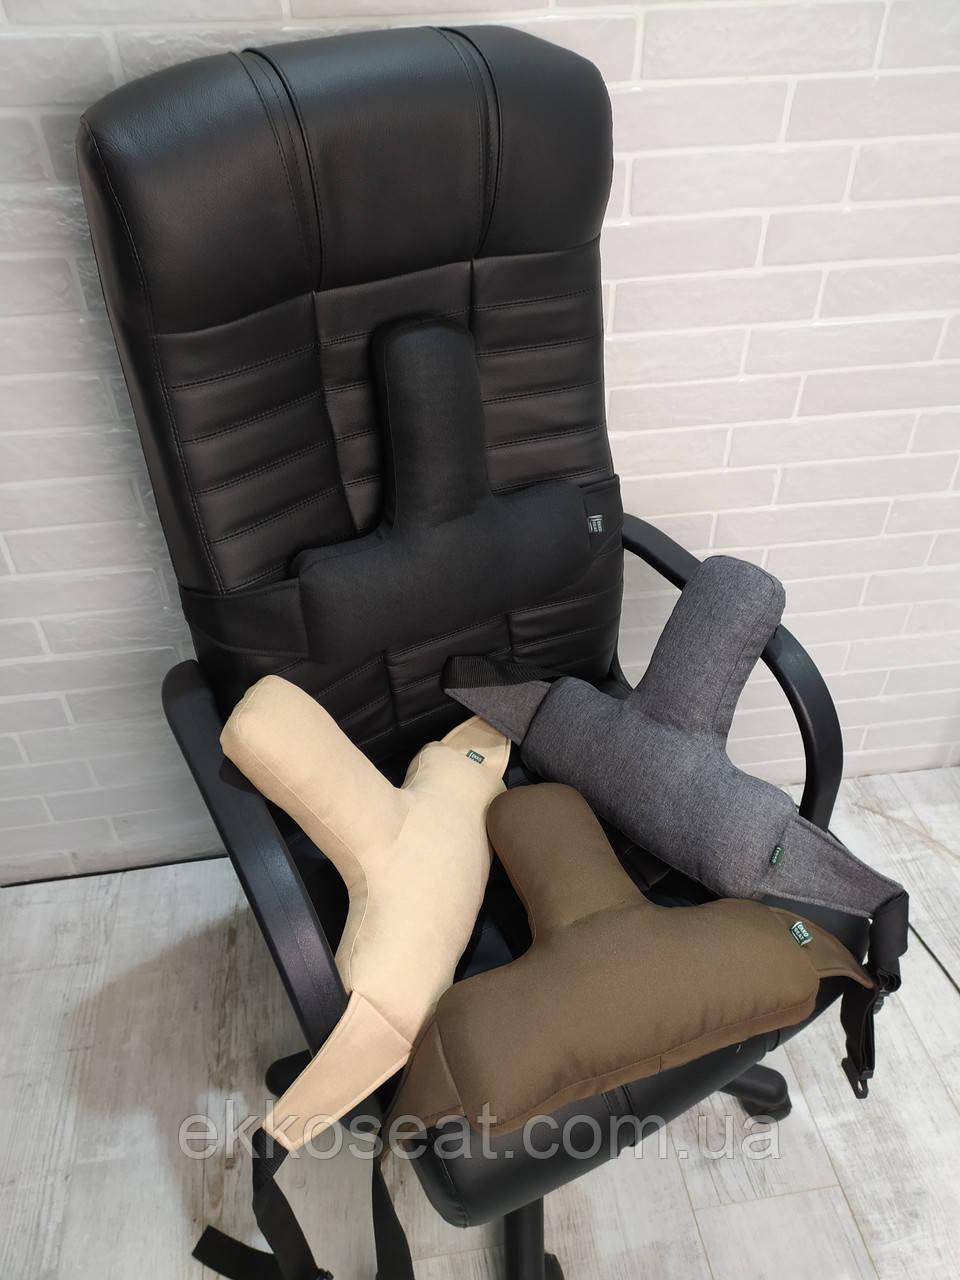 Ортопедична подушка EKKOSEAT, секторальна під спину на крісло